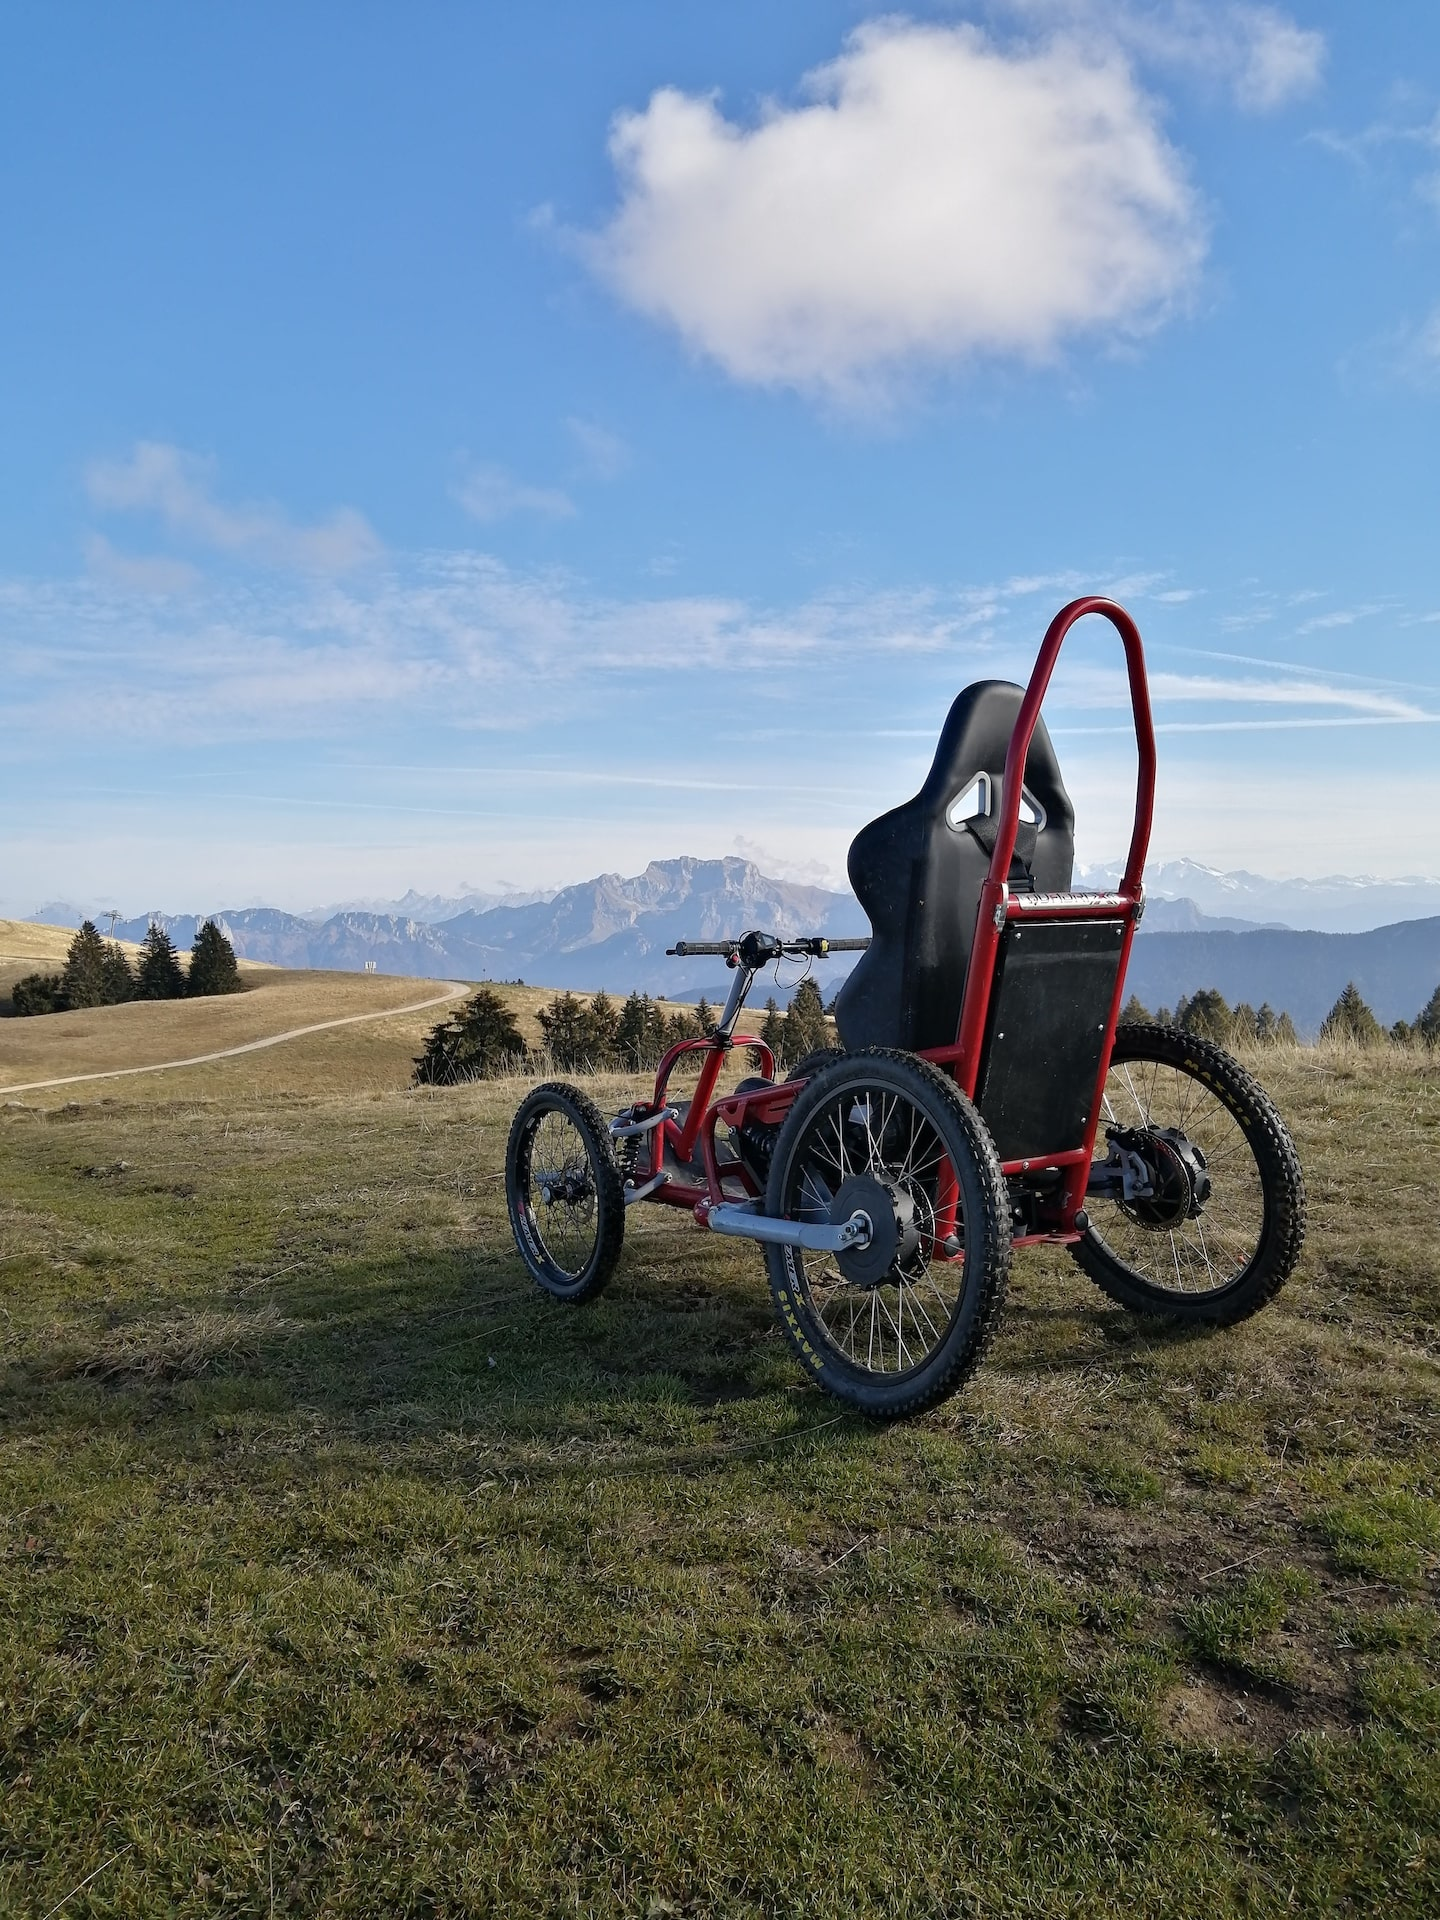 Quadrix-Sportausflug für Menschen mit eingeschränkter Mobilität